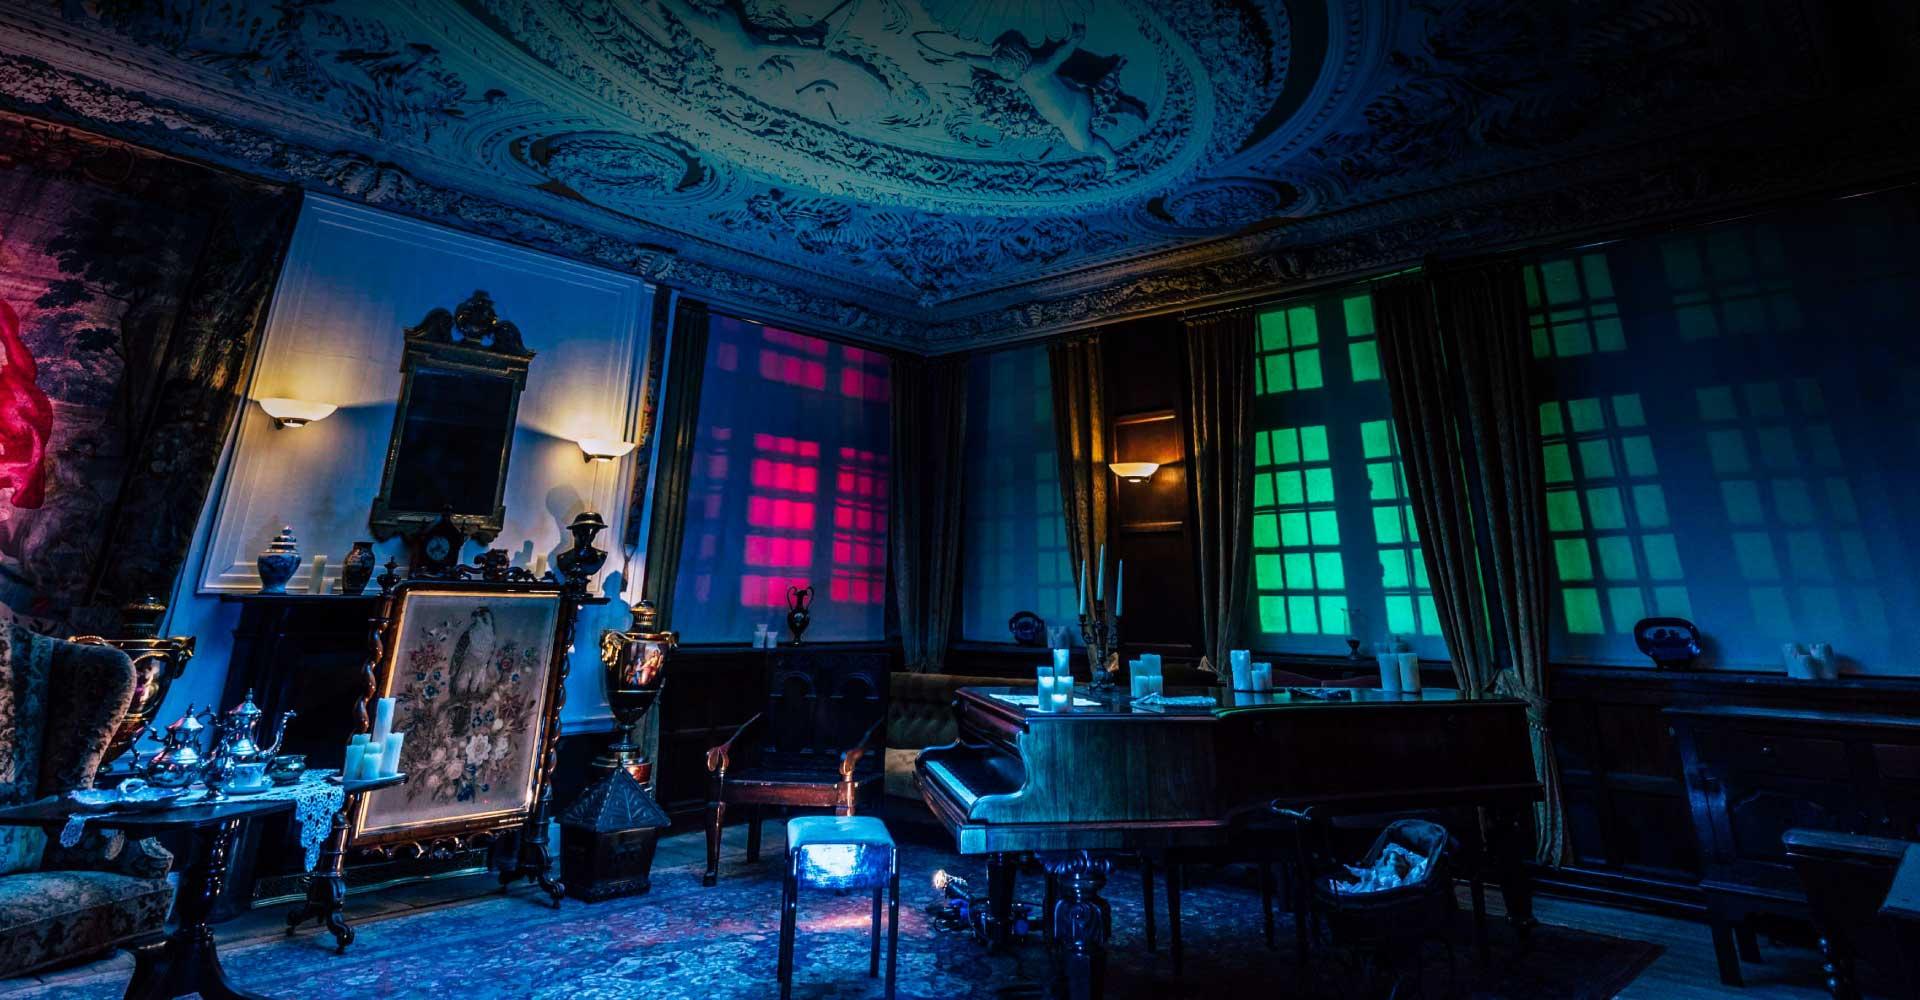 Astley Hall Illuminated Interior